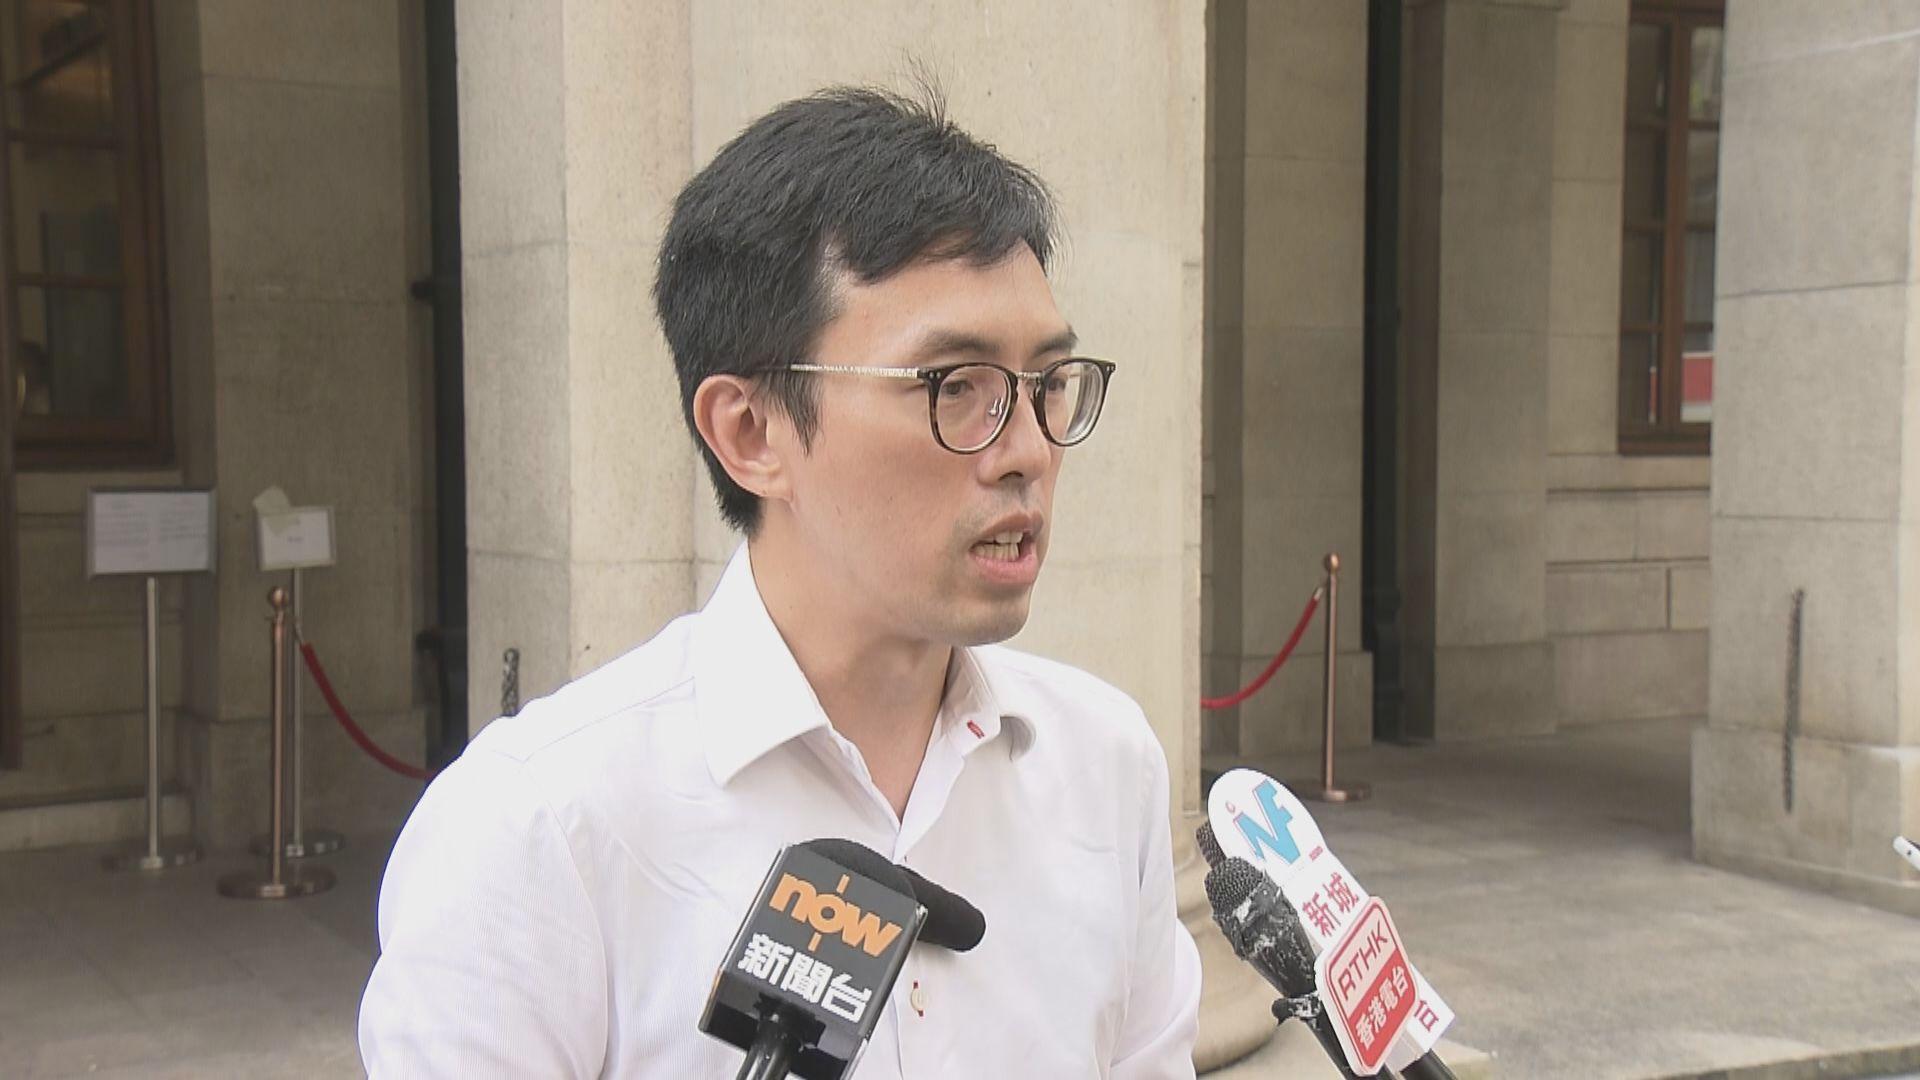 吳文遠︰政府以司法制度打壓異見者